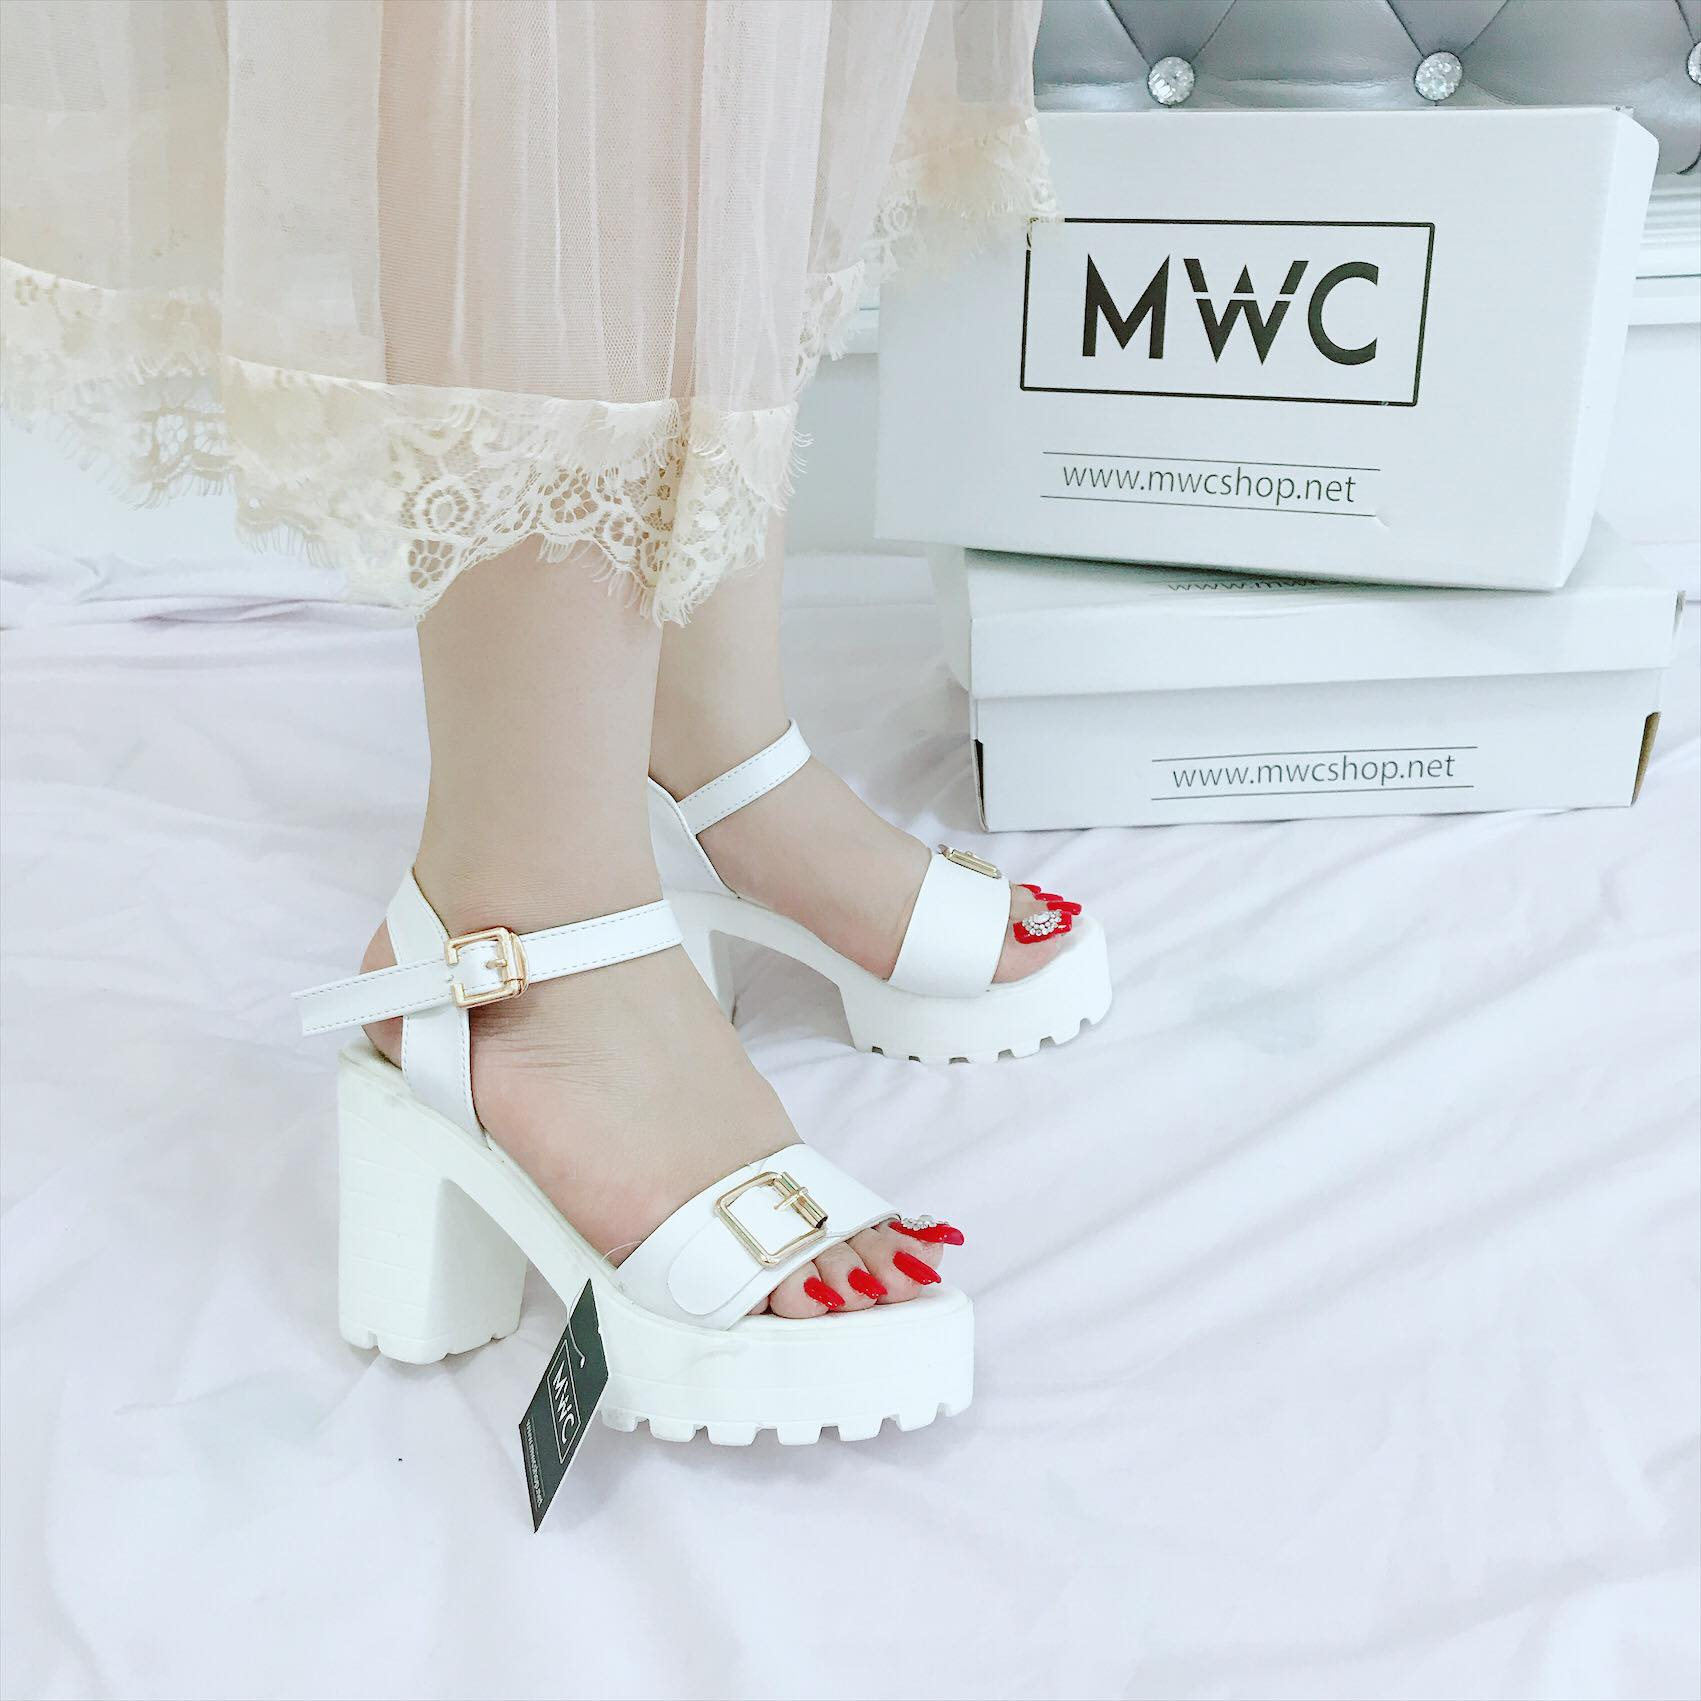 Giày cao gót MWC NUCG- 3672 - TRẮNG